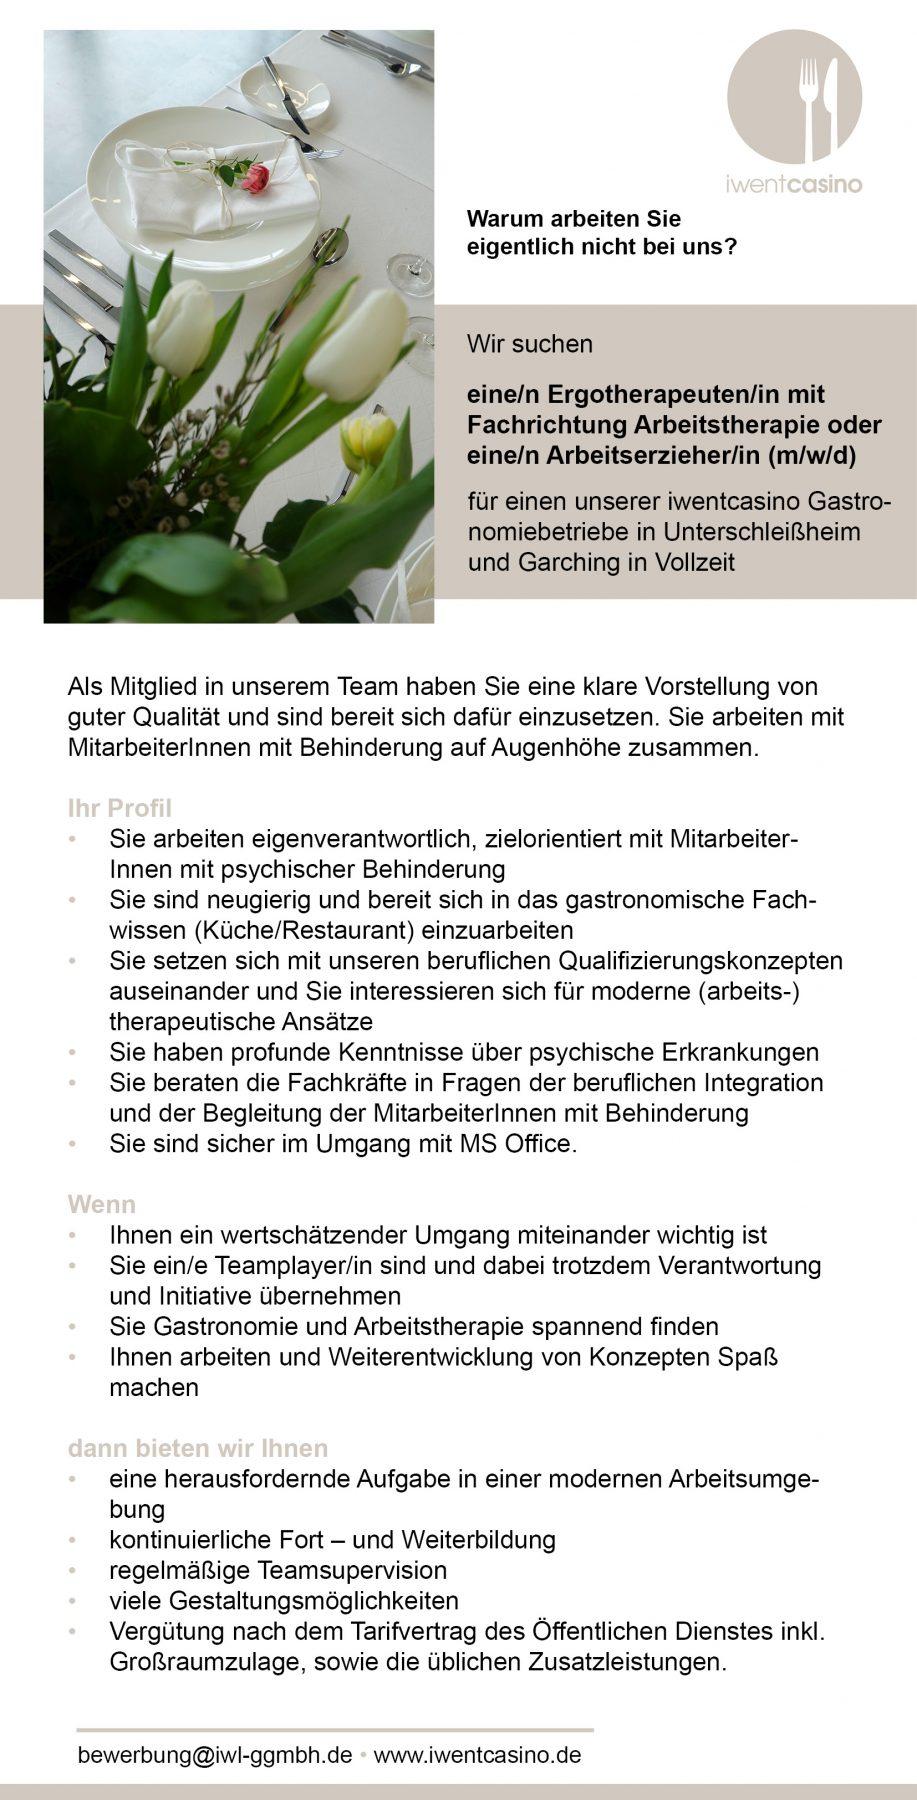 Stellenanzeige IWL iwentcasino München Ergotherapeutin, Ergotherapeut oder Arbeitserzieher, Arbeitserzieherin